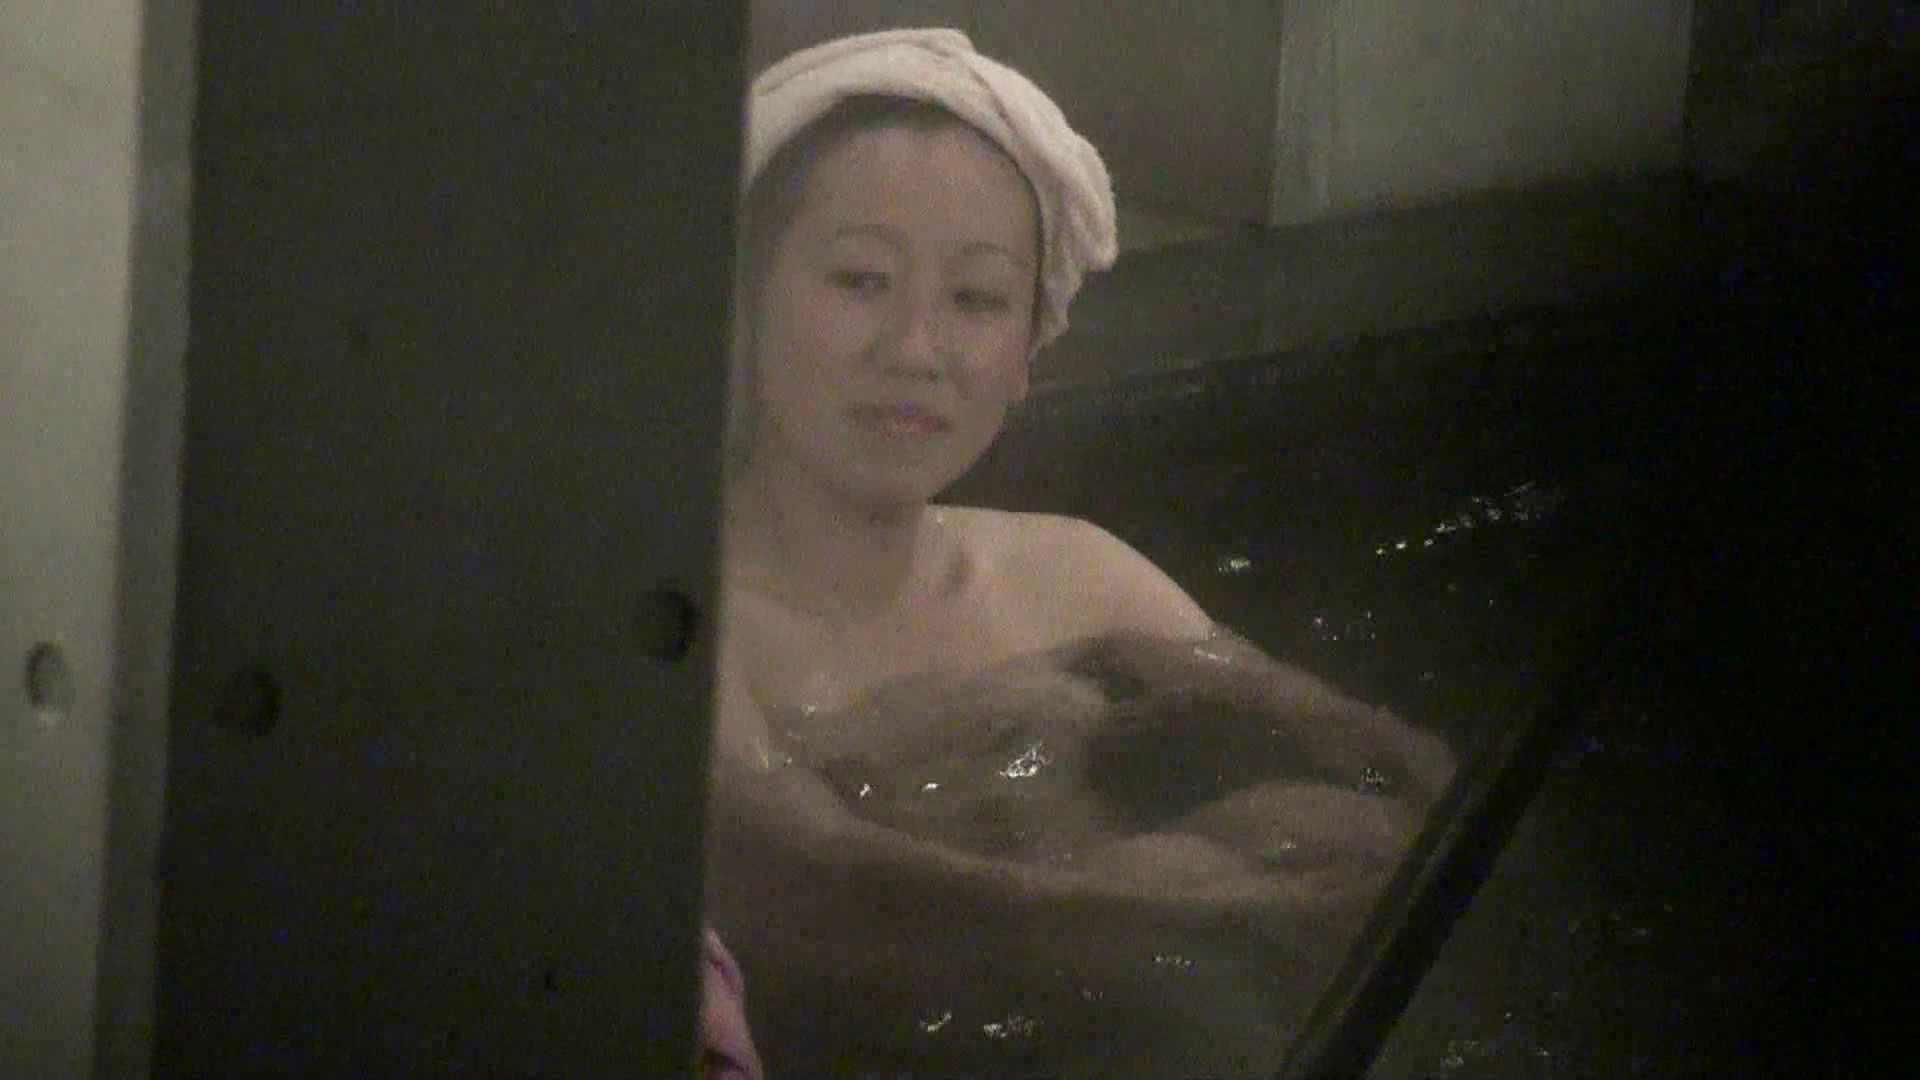 Aquaな露天風呂Vol.416 露天  20PICs 6